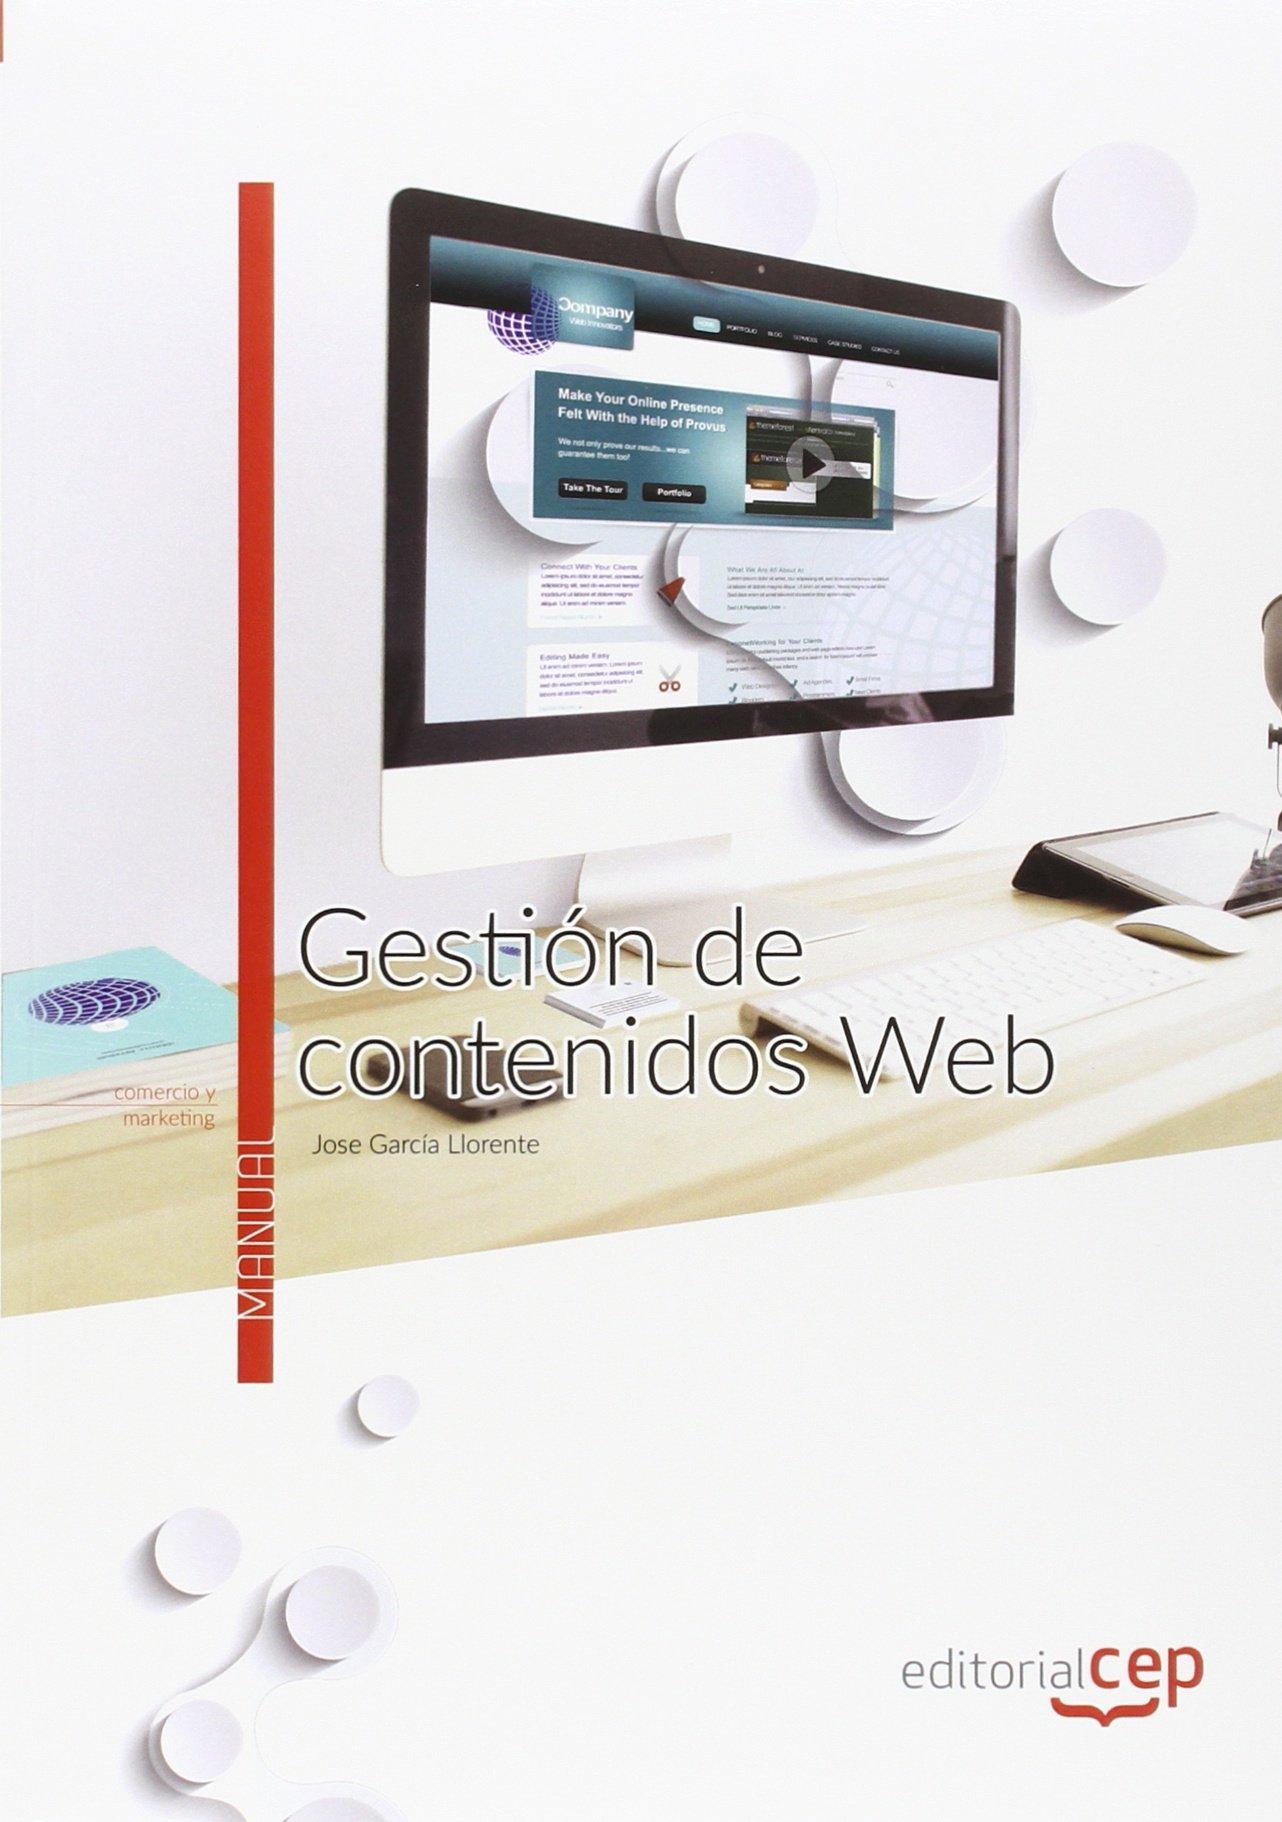 Gestión de contenidos web. Manual teórico: Amazon.es: Jose García Llorente: Libros